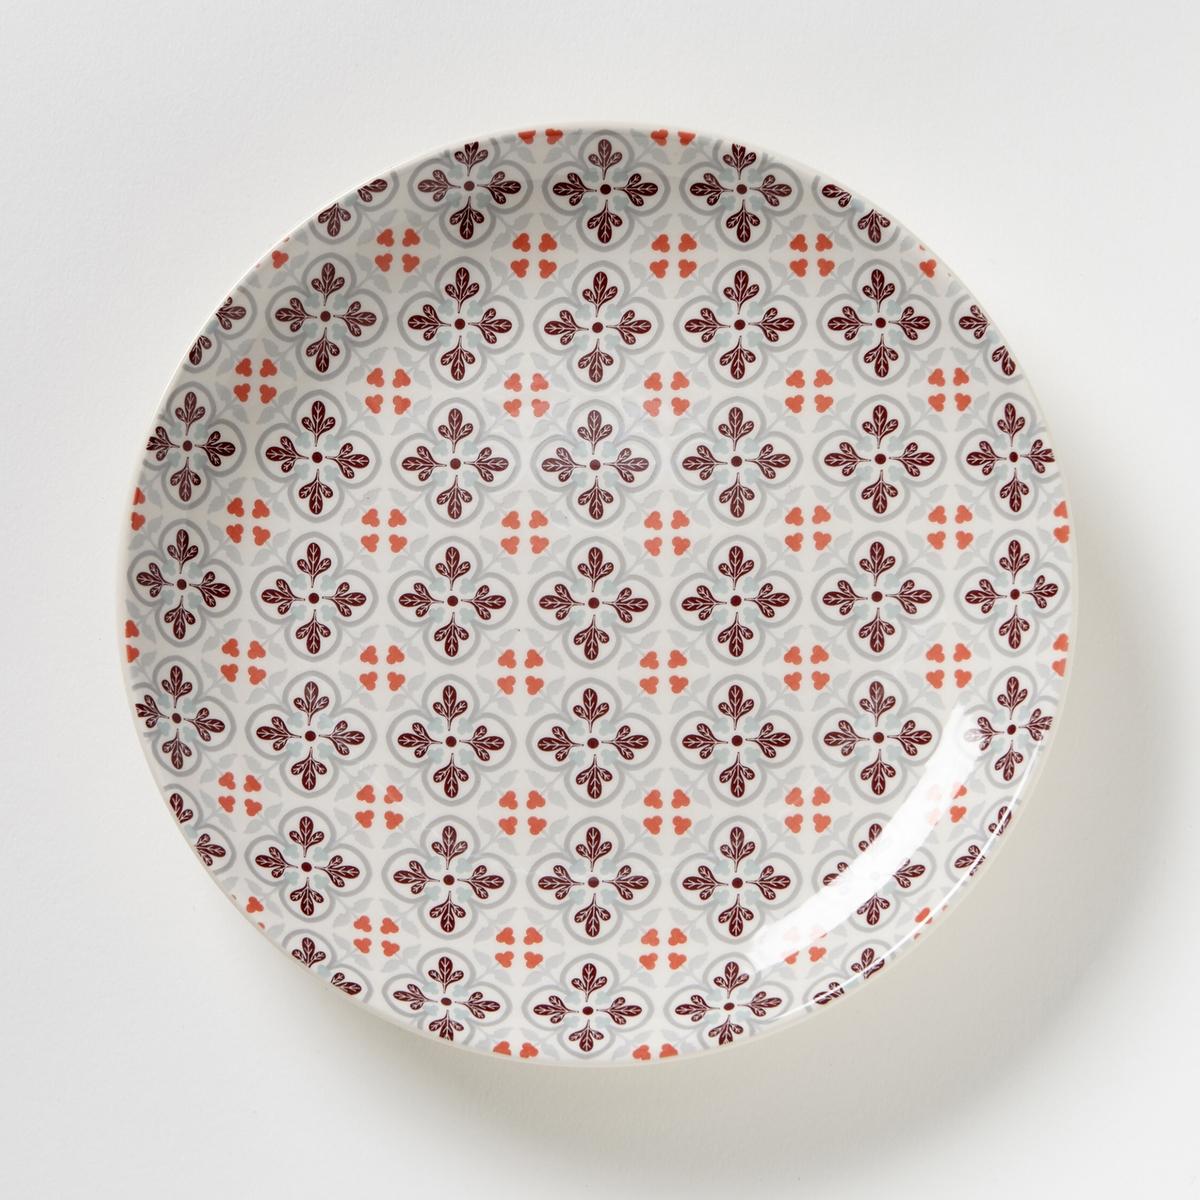 4 десертные тарелки с рисунком4 тарелки десертные с квадратным рисунком . Будь то завтрак или ужин в кругу семьи или друзей, La Redoute Int?rieurs всегда готов вам угодить. Характеристики 4 десертных тарелок с рисунком :- Фаянс, разноцветный рисунок .- Диаметр 18,8 см .- Подходит для посудомоечной машины и микроволновой печи .Плоские тарелки и кружки из комплекта продаются на сайте laredoute.ru<br><br>Цвет: набивной рисунок